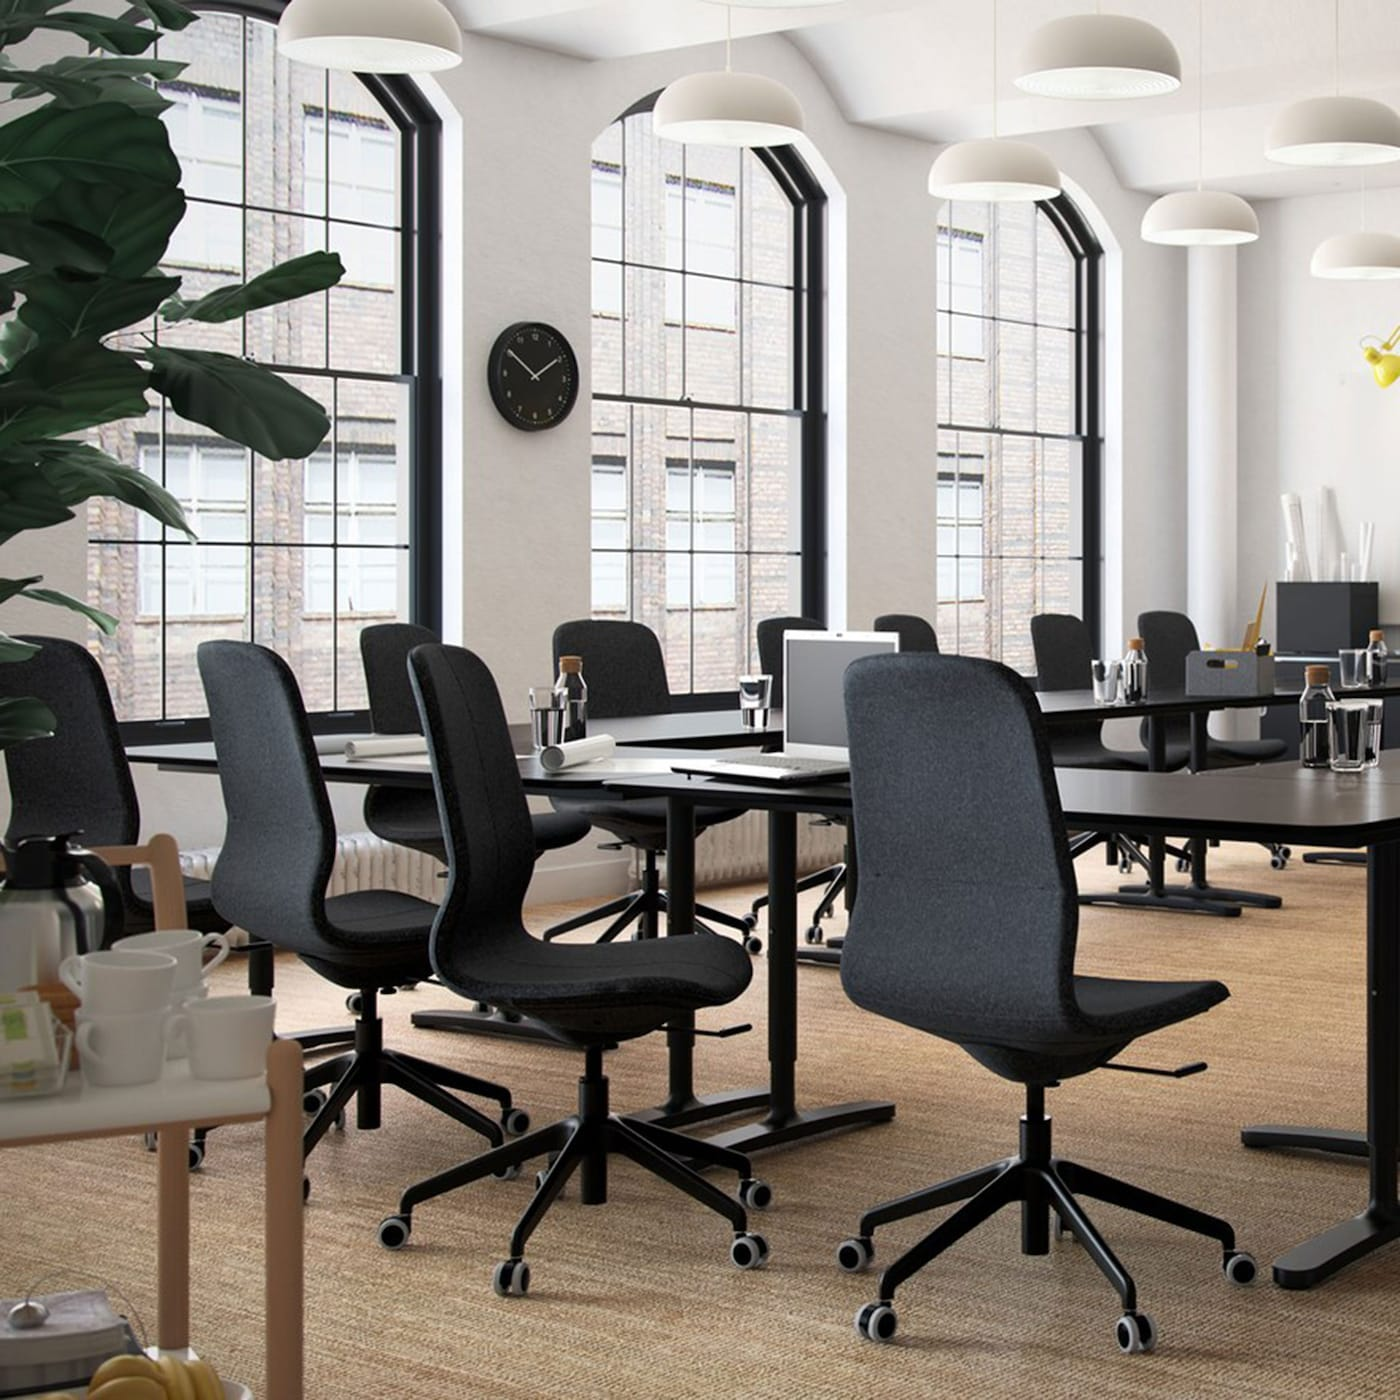 """Ein Konferenzraum mit BEKANT Schreibtischen in schwarzbraun/schwarz und LÅNGFJÄLL Drehstühlen mit Bezug """"Gunnared"""" dunkelgrau mit schwarzem Gestell."""